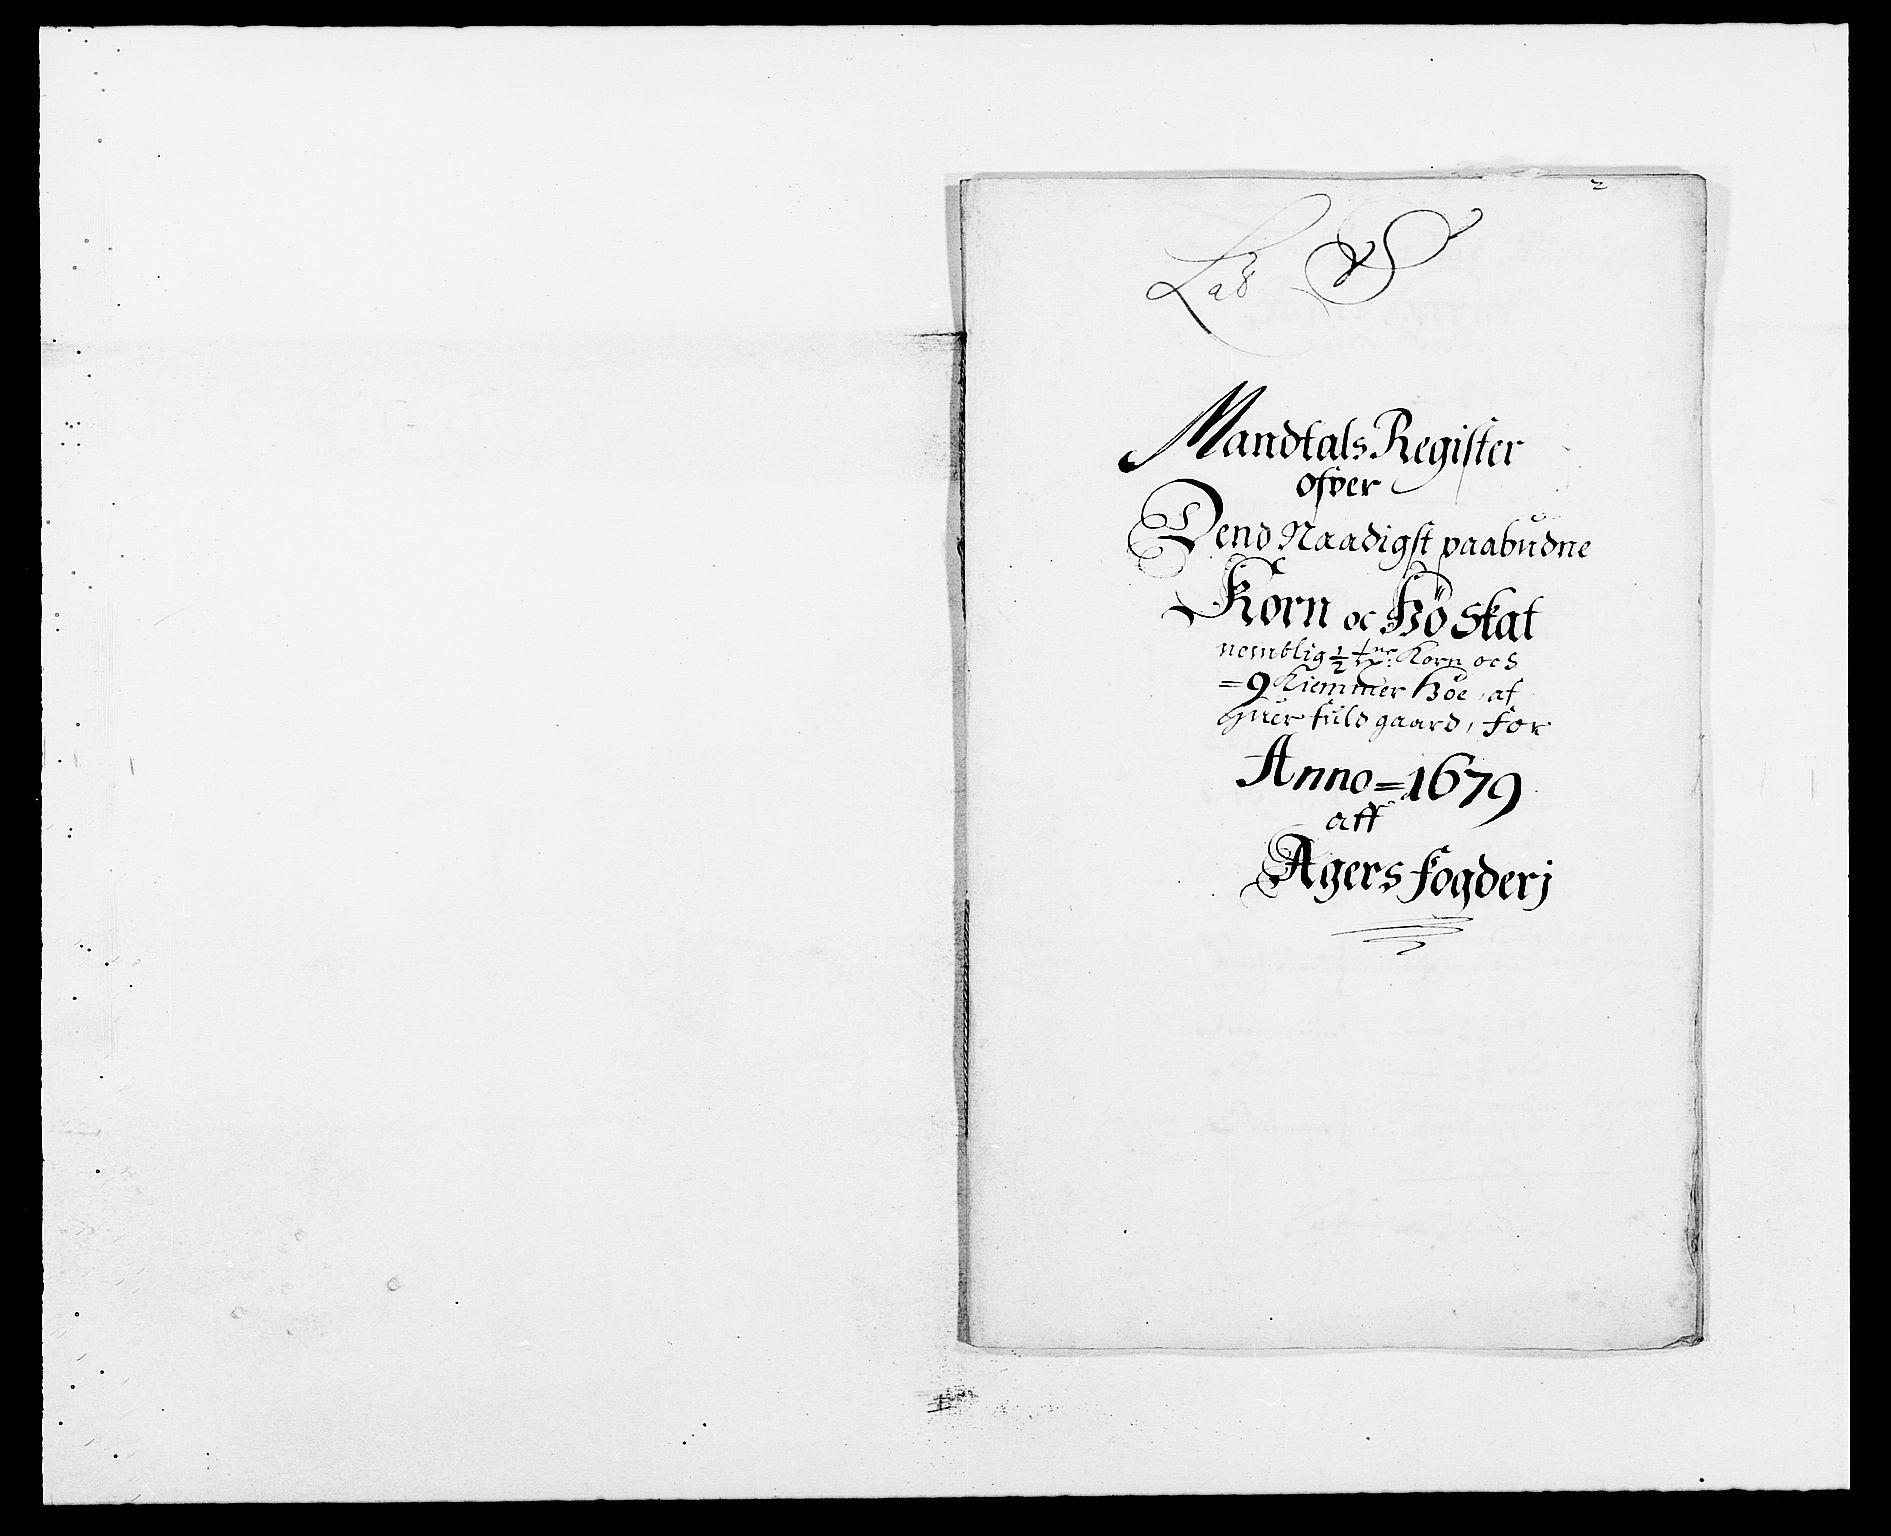 RA, Rentekammeret inntil 1814, Reviderte regnskaper, Fogderegnskap, R08/L0416: Fogderegnskap Aker, 1678-1681, s. 460